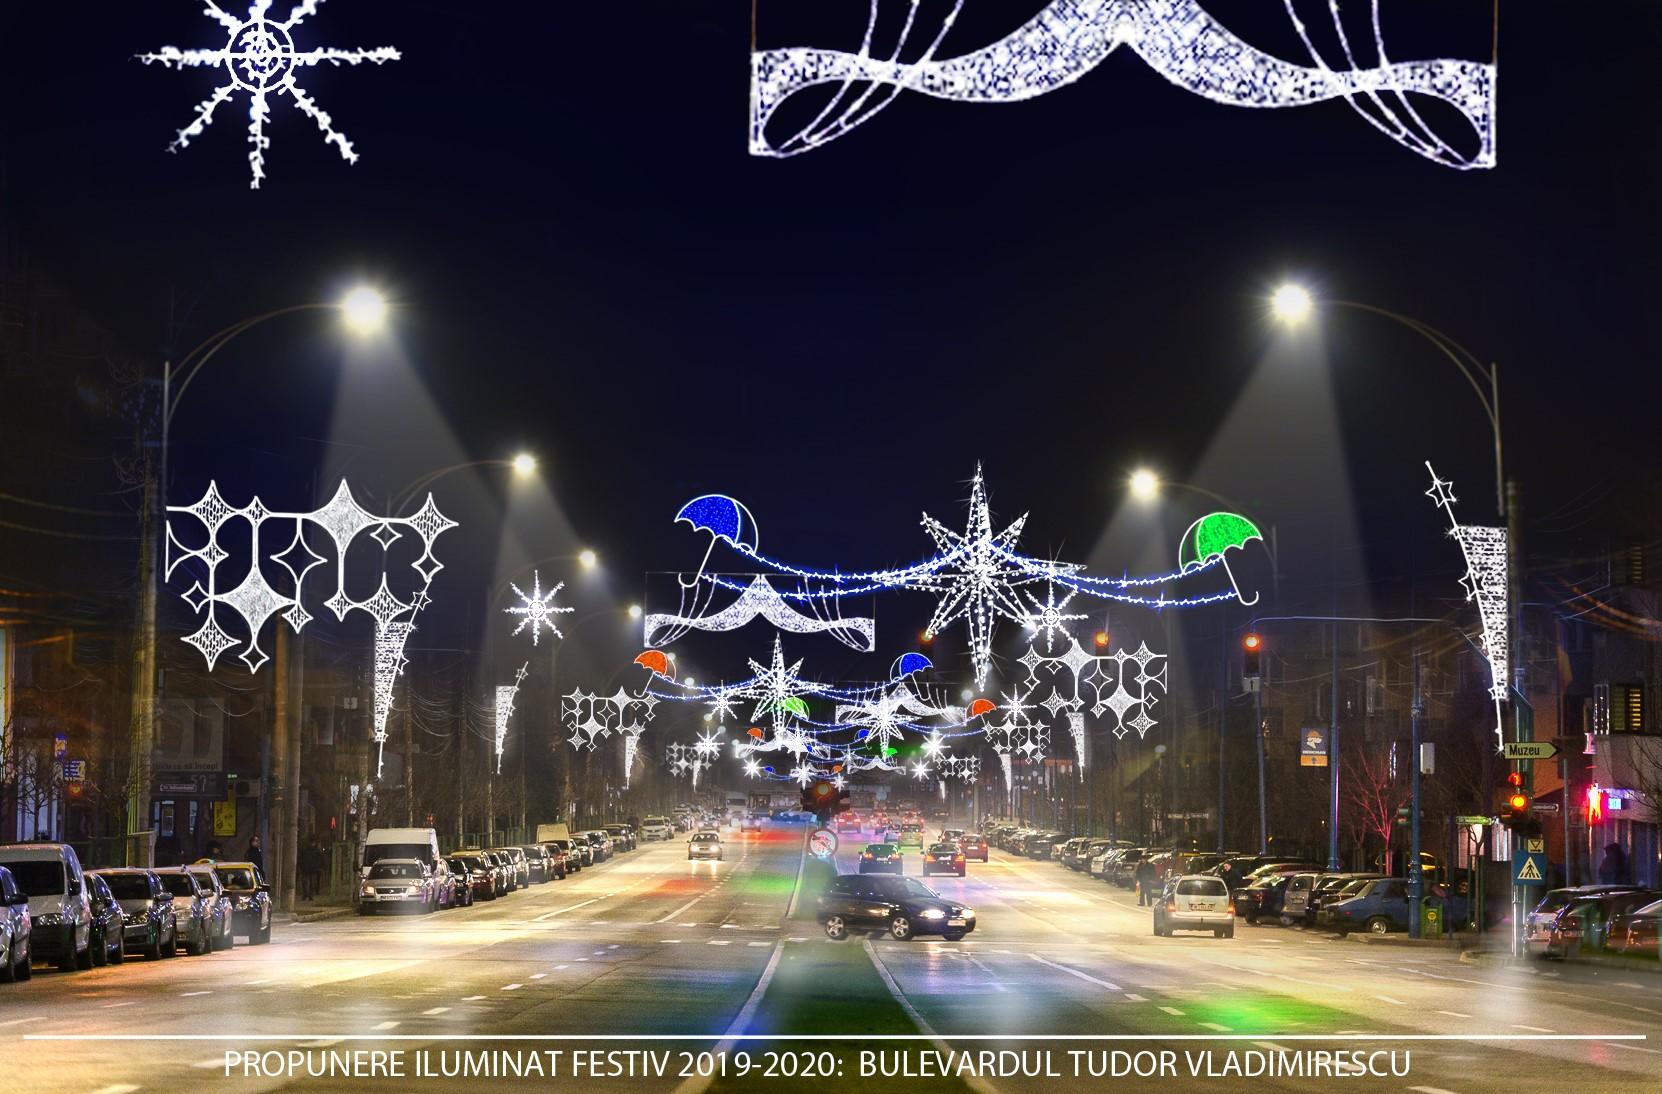 Iluminat_festiv